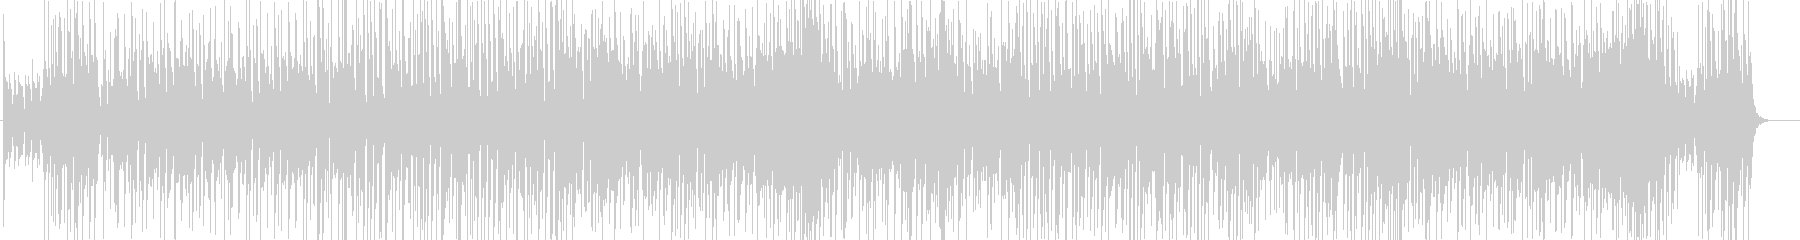 80'sトロピカル風サウンドの未再生の波形